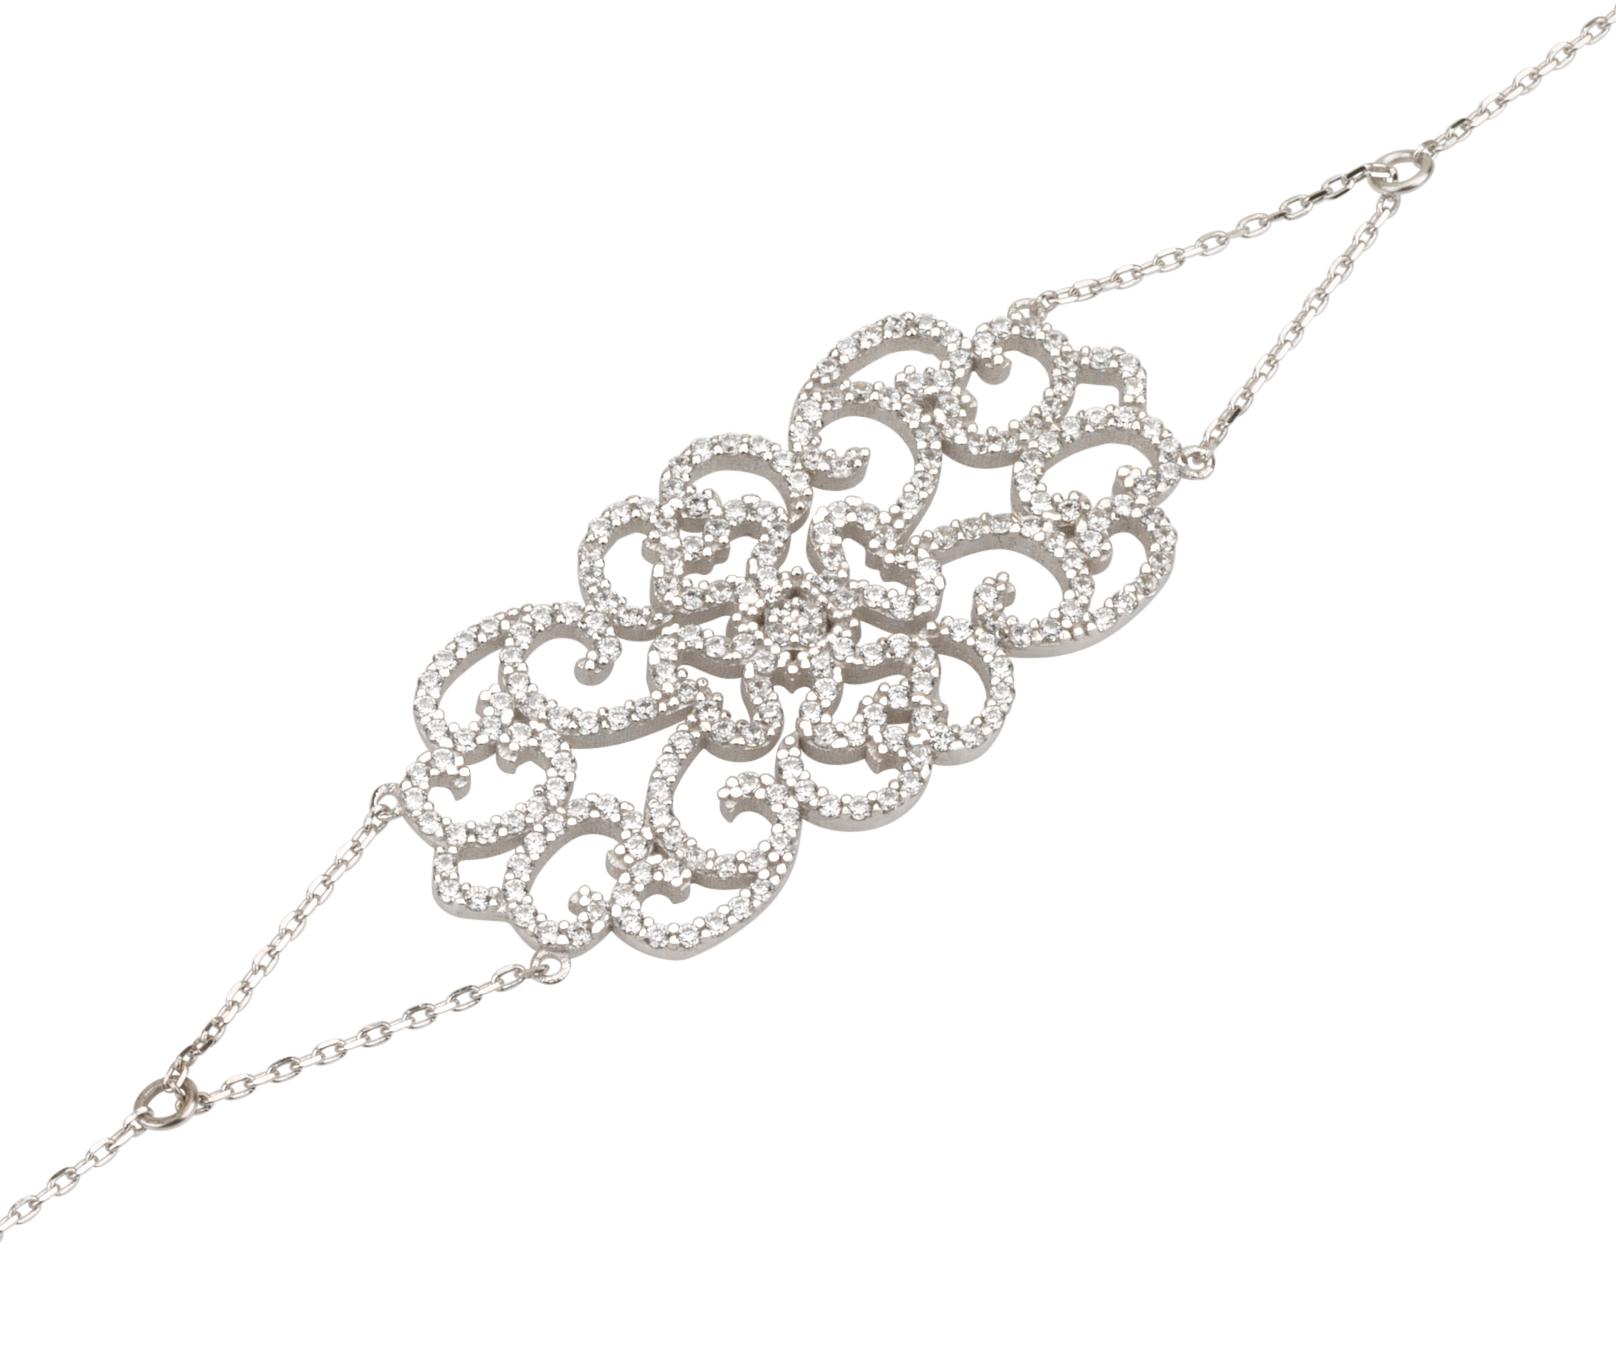 צמיד קמילה - זהב 14K- צמידי זהב מעוצבים - צמידי זהב משובצים - תכשיטי זהב - תכשיטי זהב מעוצבים - תכשיטי זהב משובצים